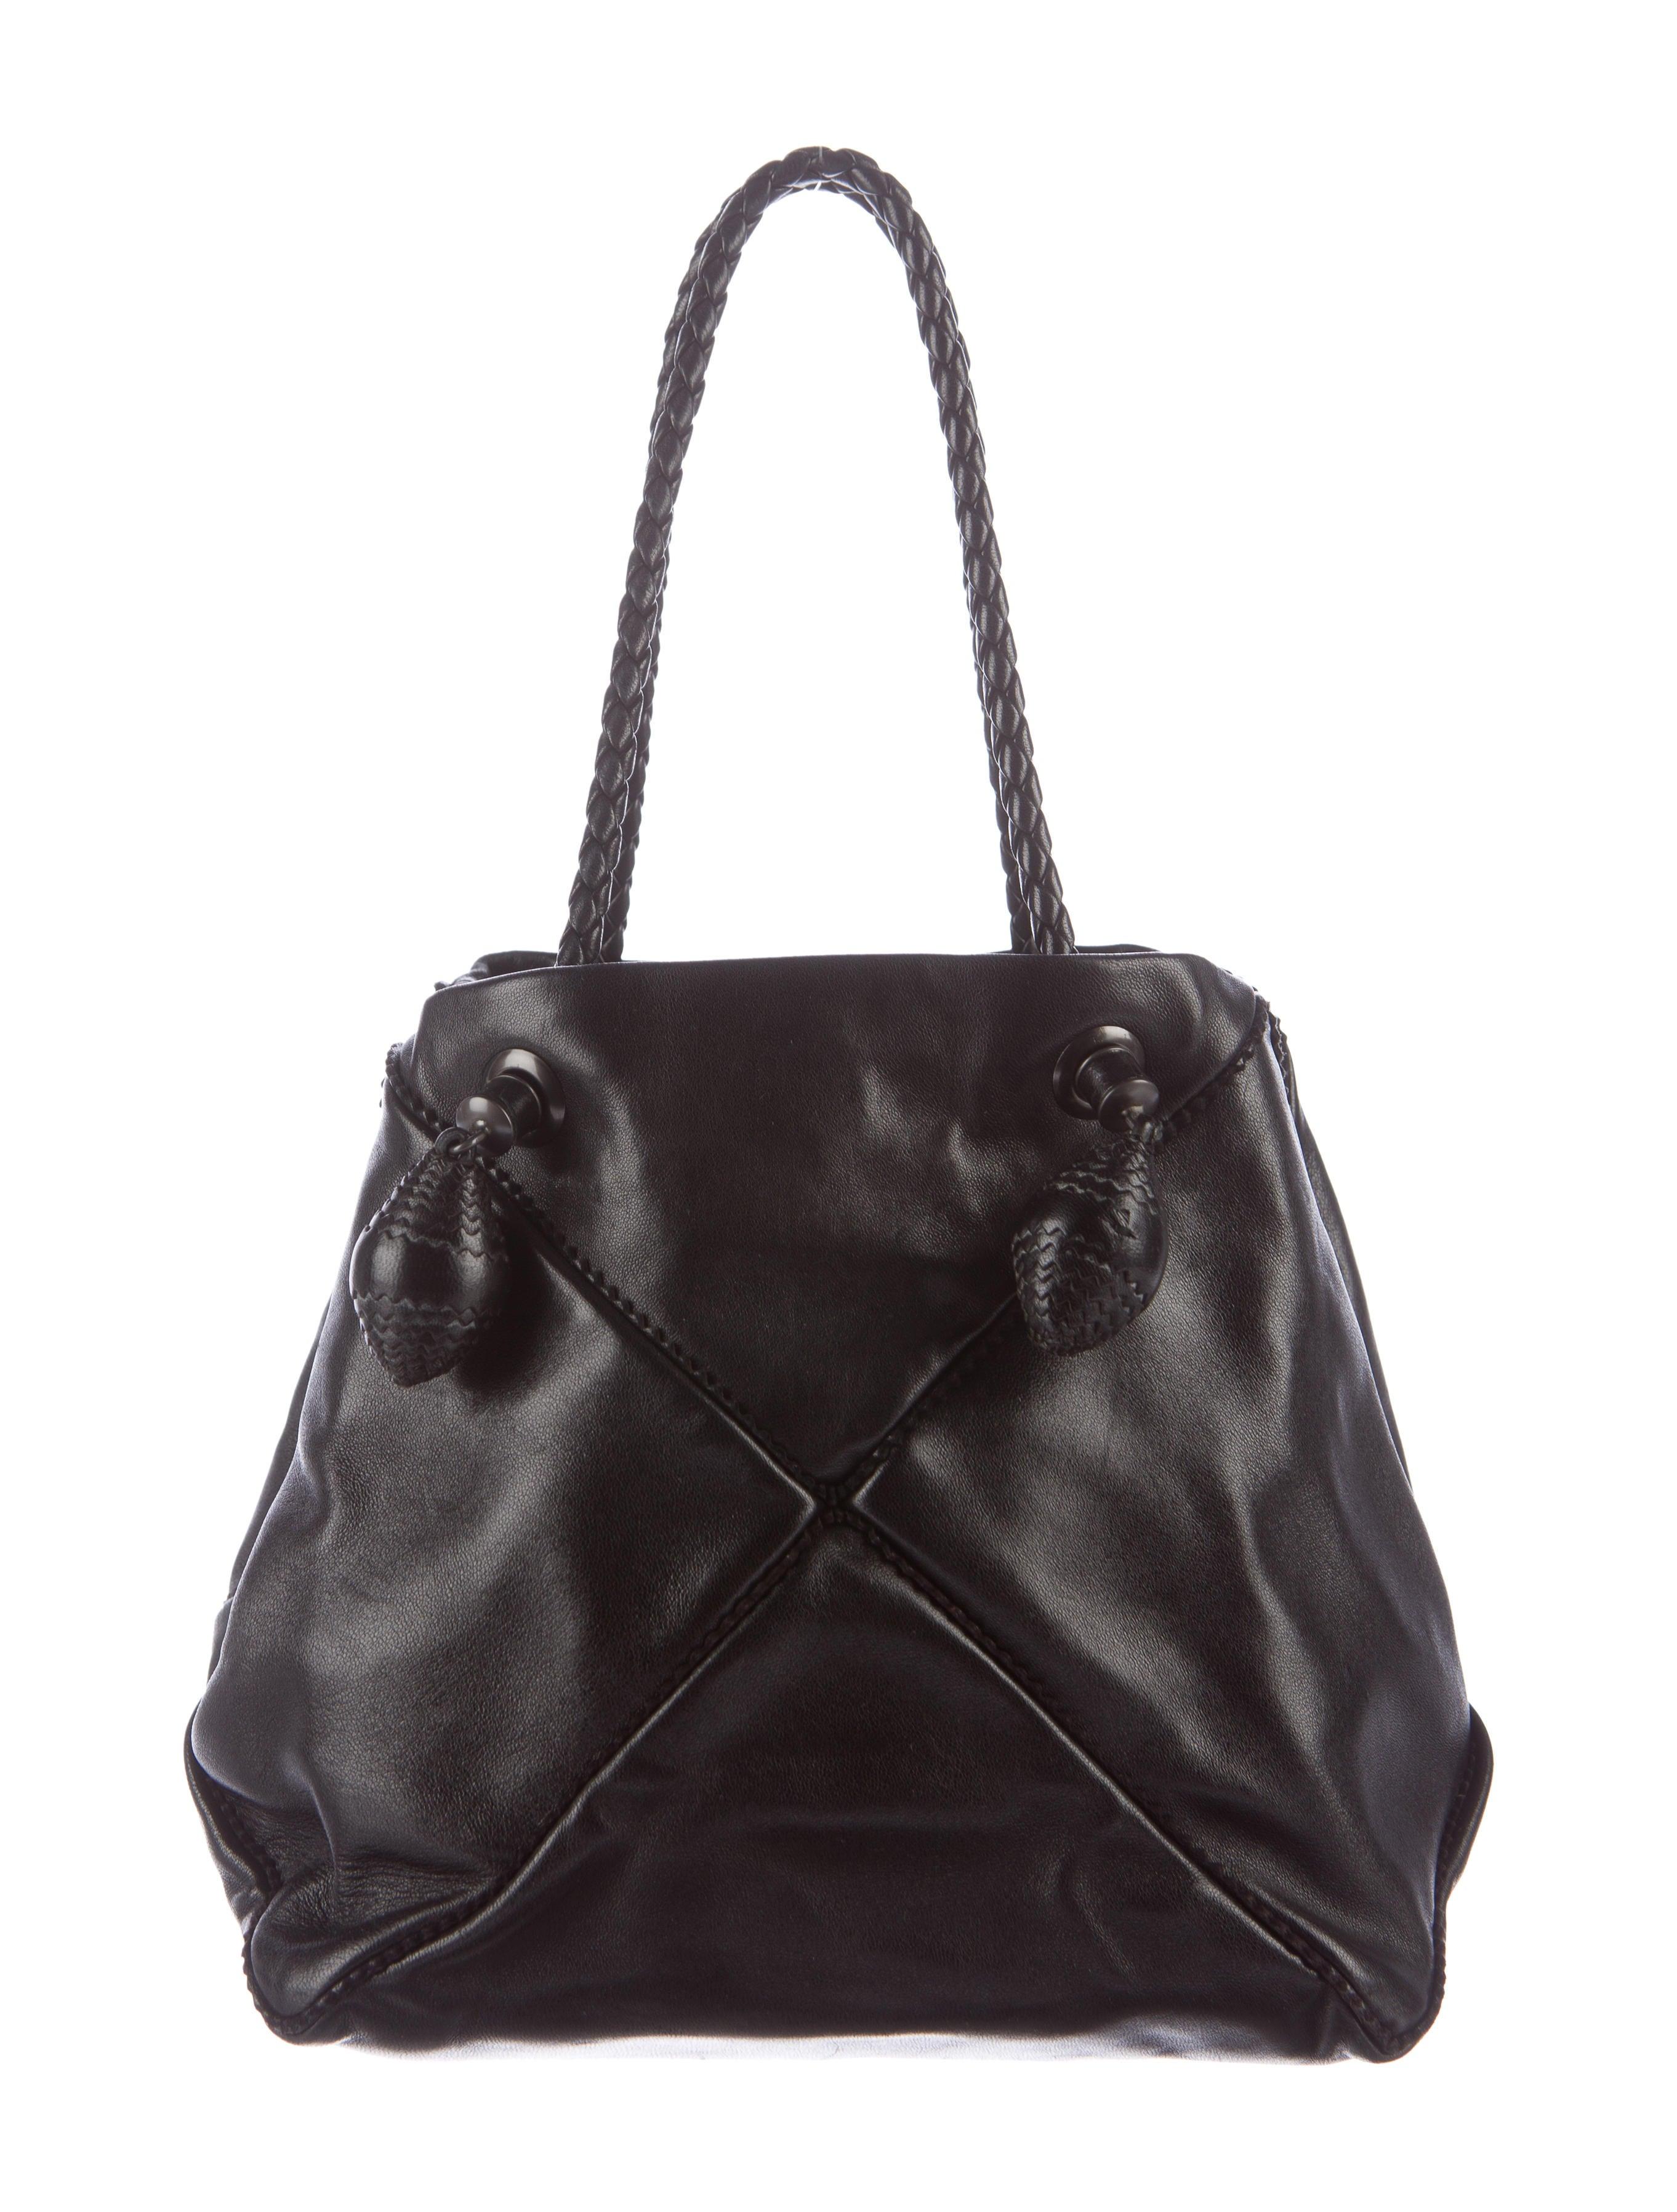 4338b6b25a29 Bottega Veneta Braided Leather Bag | Stanford Center for Opportunity ...